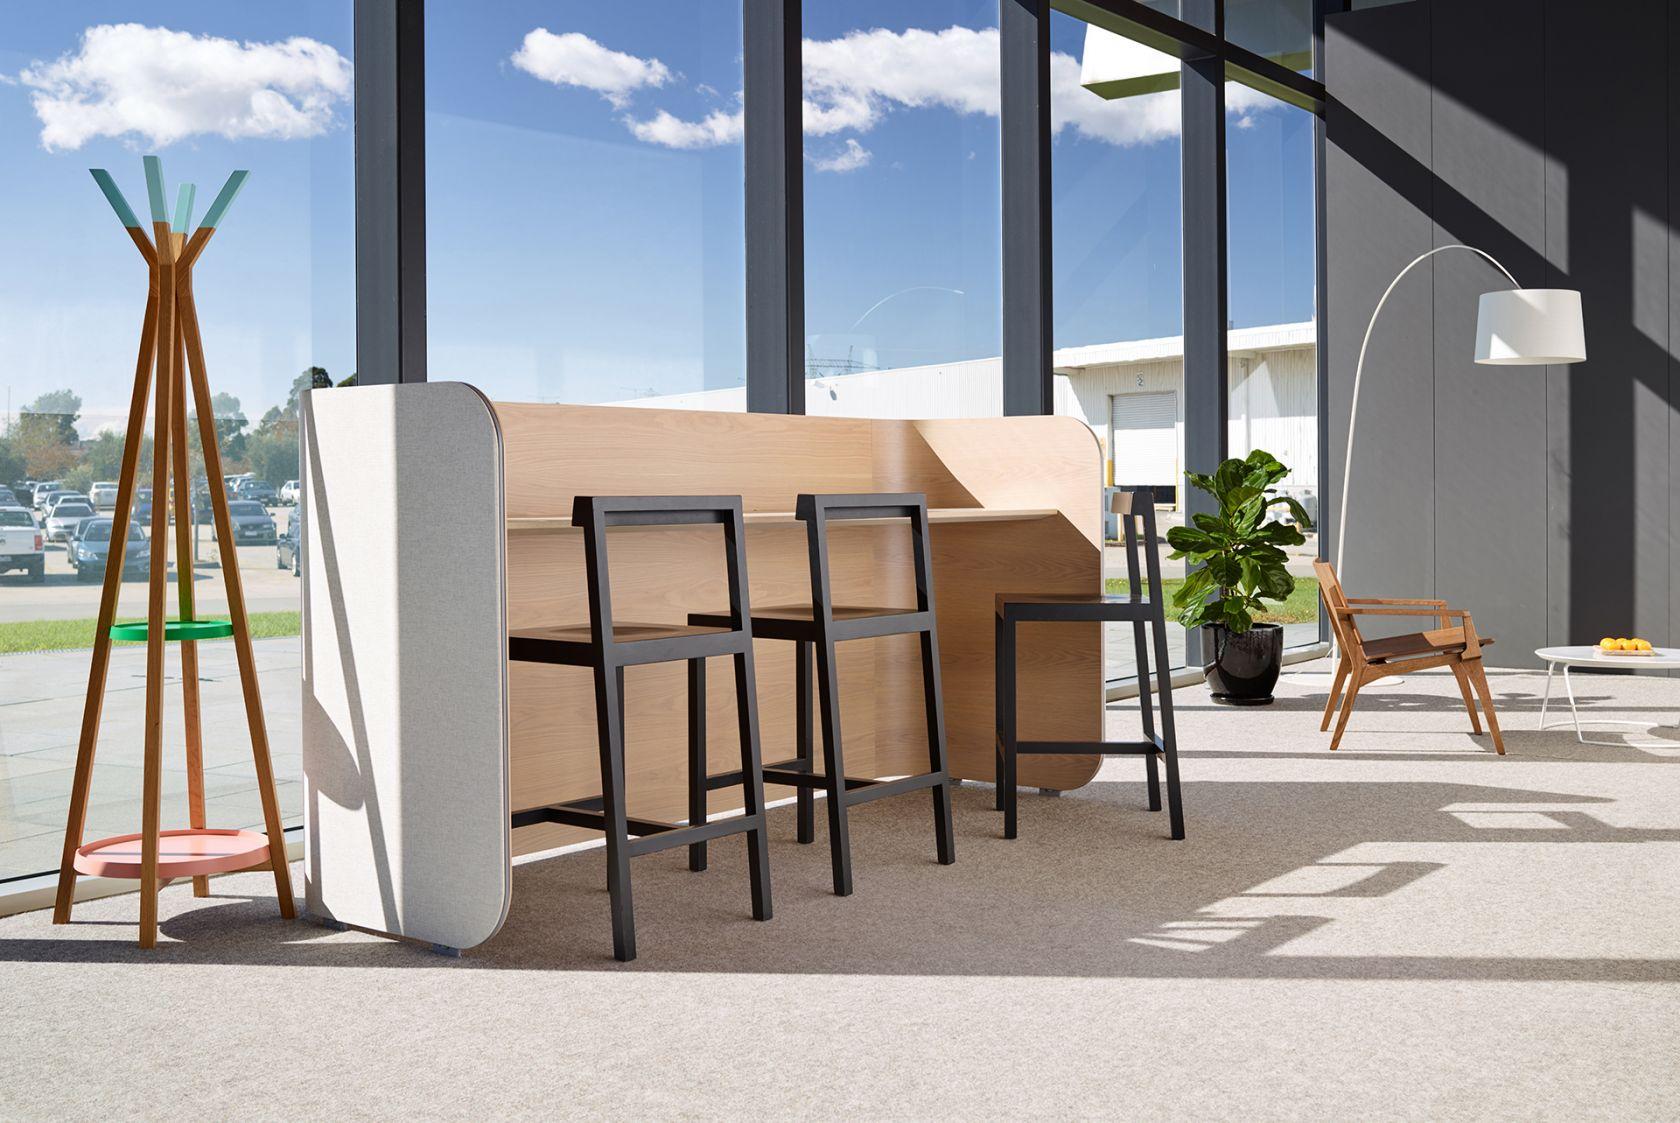 Focus, Maui Chair, Toro Chair and TP